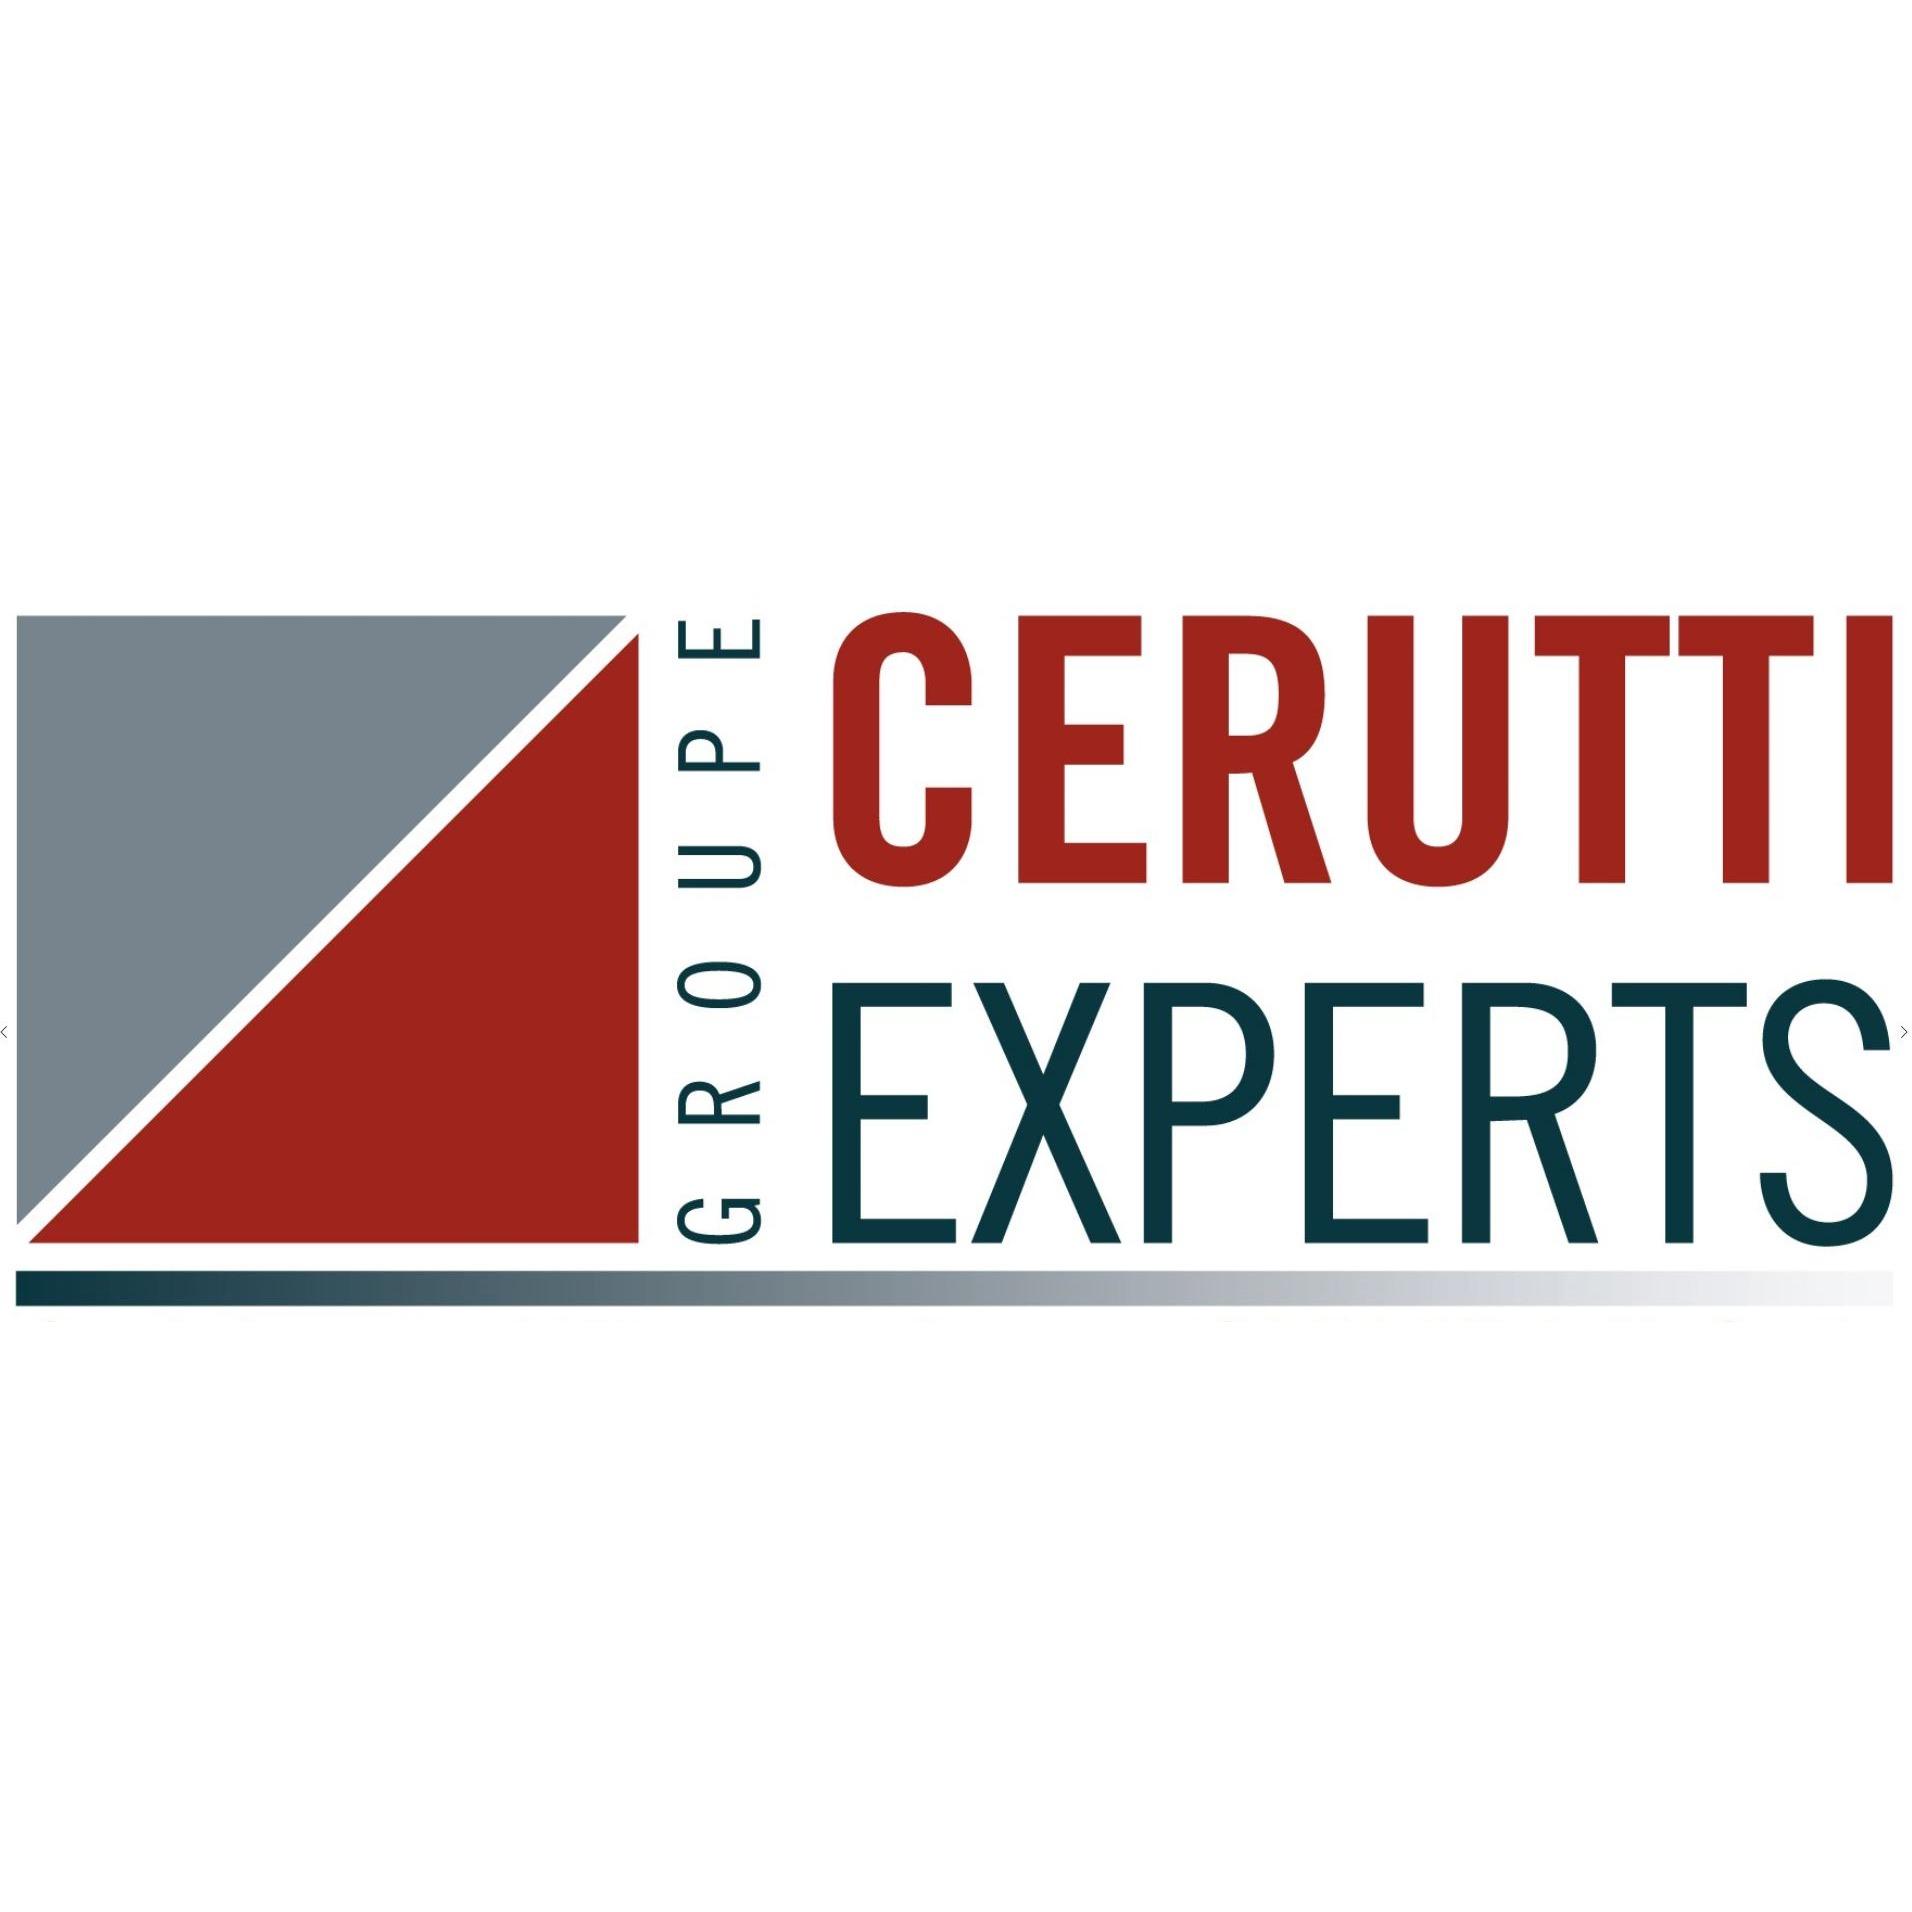 the CABINET CERUTTI EXPERTS logo.